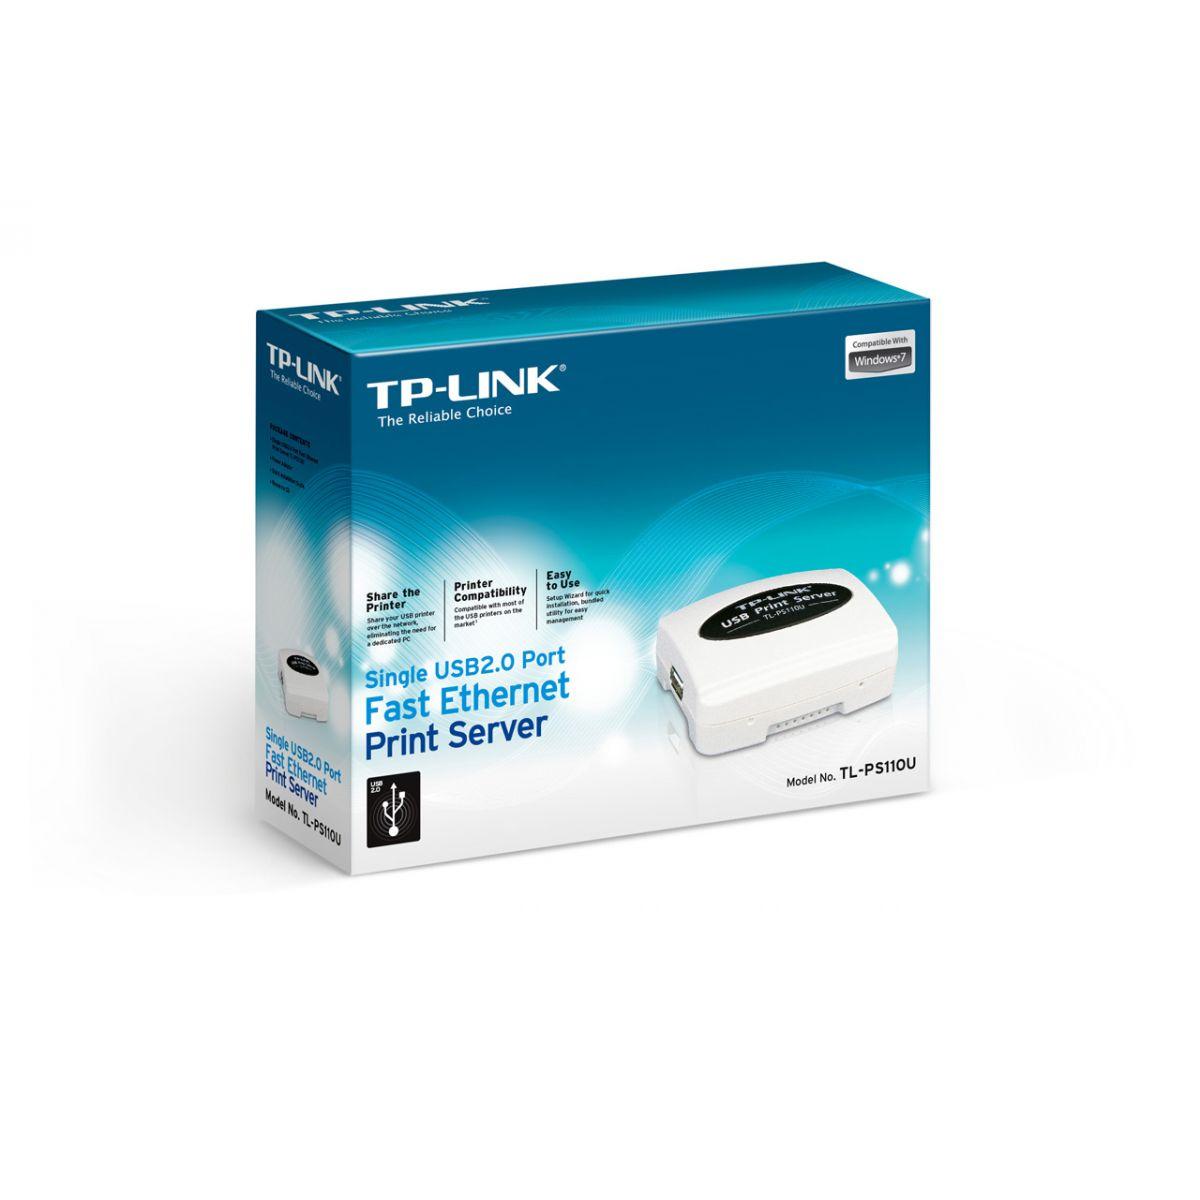 Servidor de Impressão USB TL-PS110U - Tplink